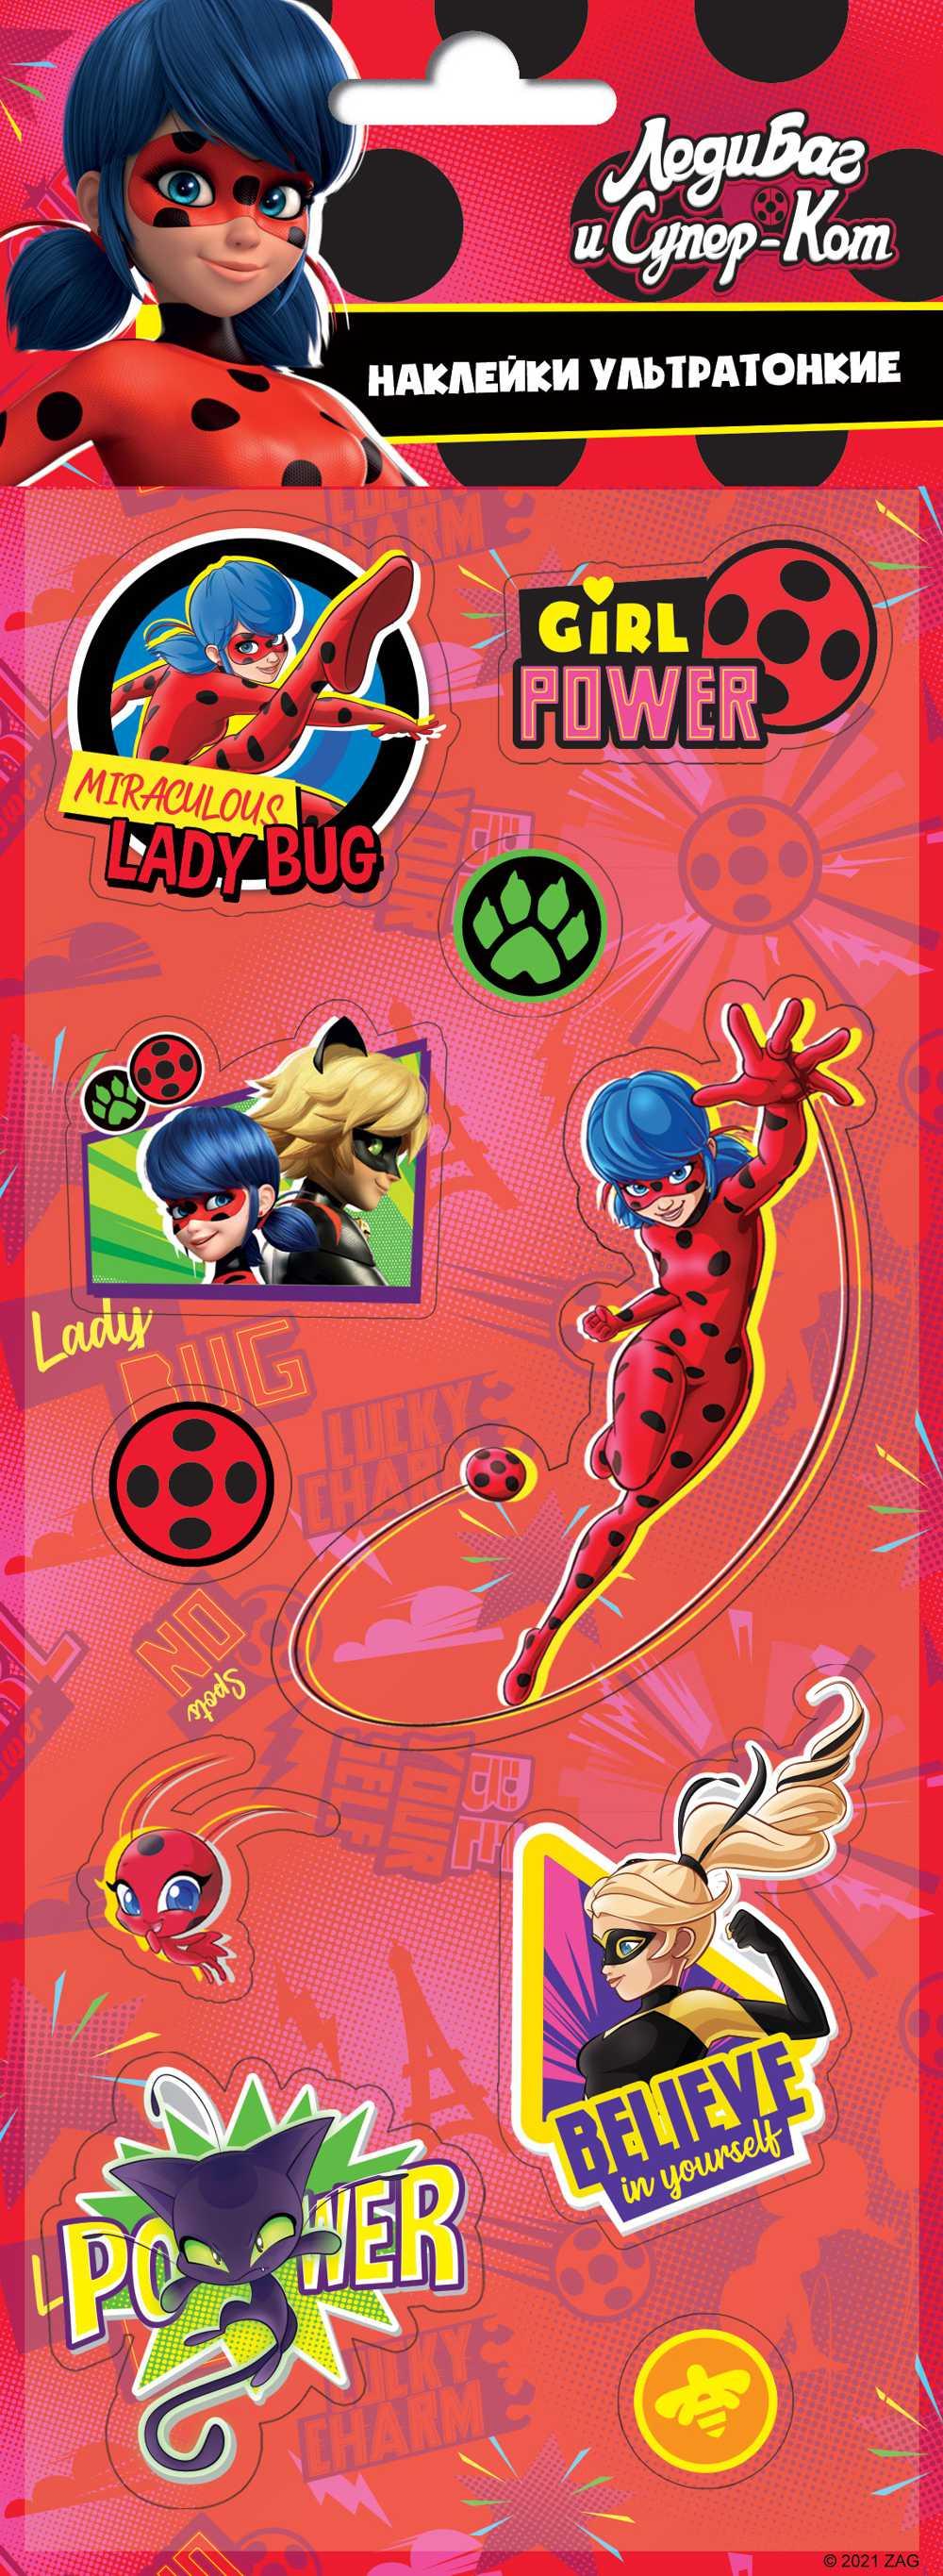 Набор наклеек Леди Баг и Супер-Кот Дизайн 1 Плёночные логунова е леди баг и супер кот раскраска с развивающими заданиями 16 цветных наклеек